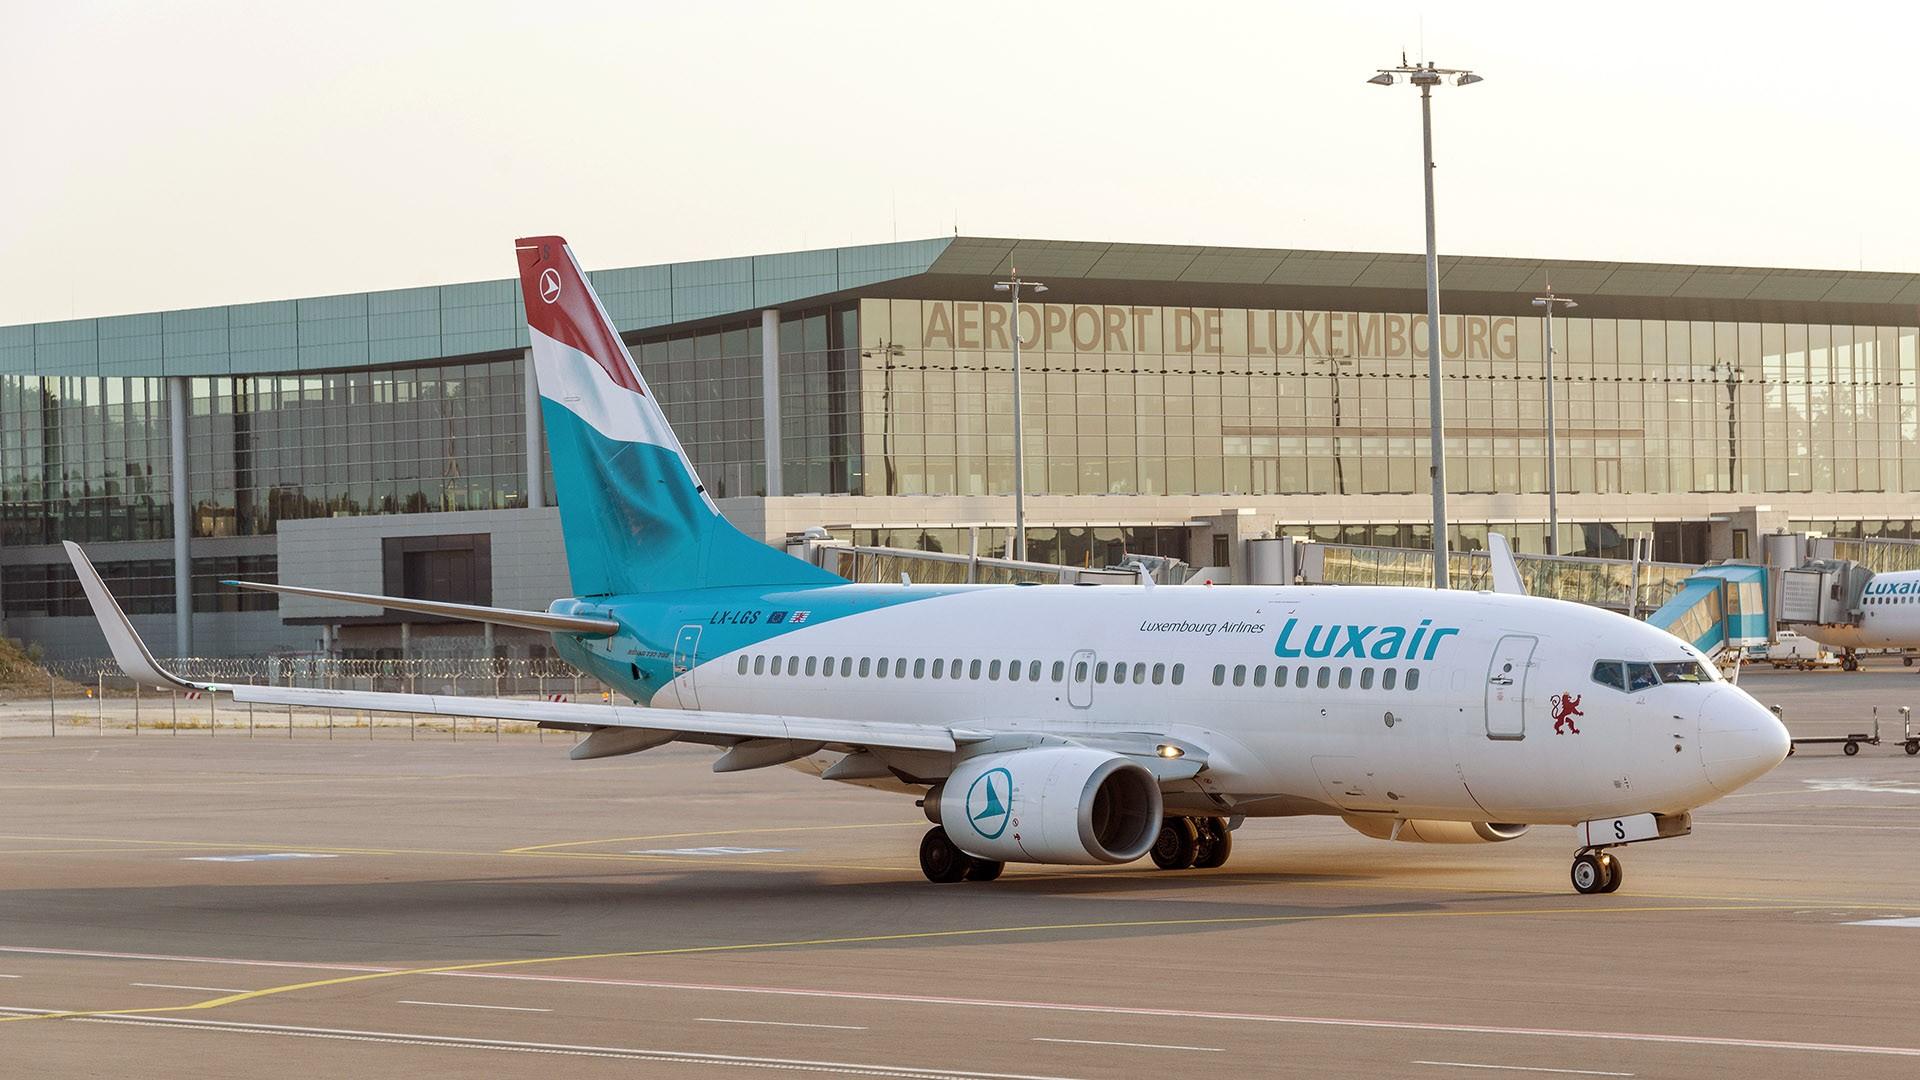 Anreise Flughafen Luxemburg Findel   LuxairTours on